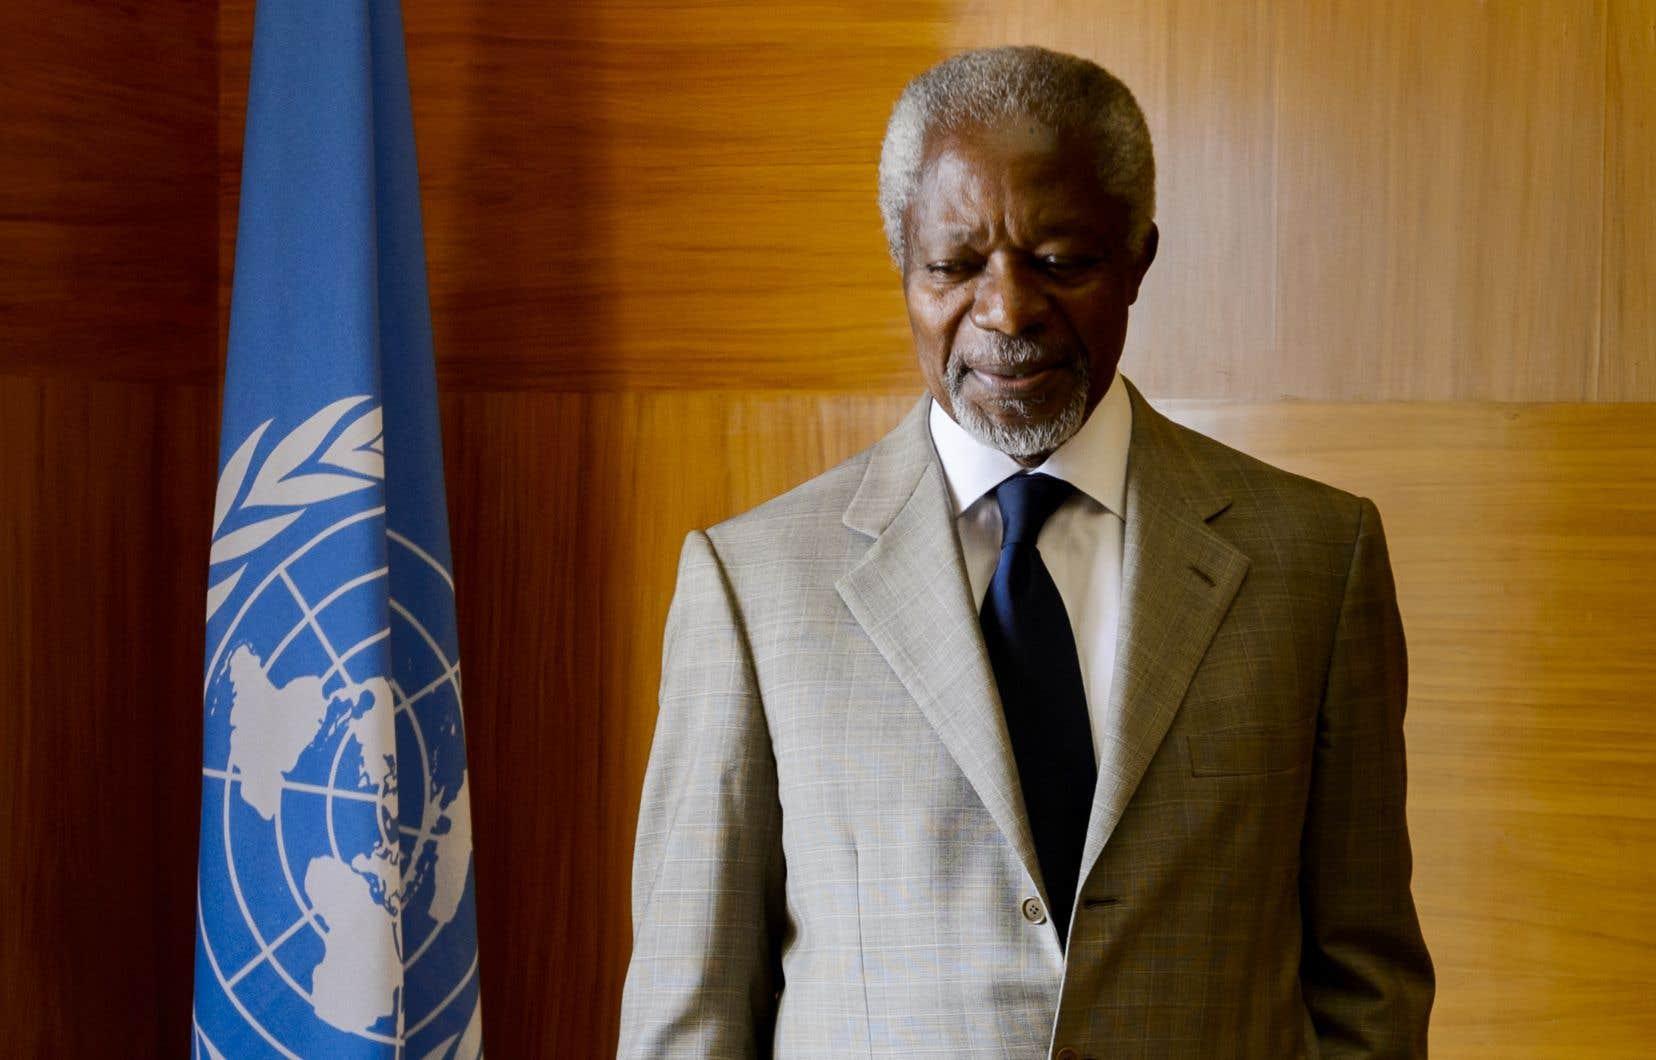 L'ancien secrétaire général de l'ONU et prix Nobel de la paix Kofi Annan en 2012